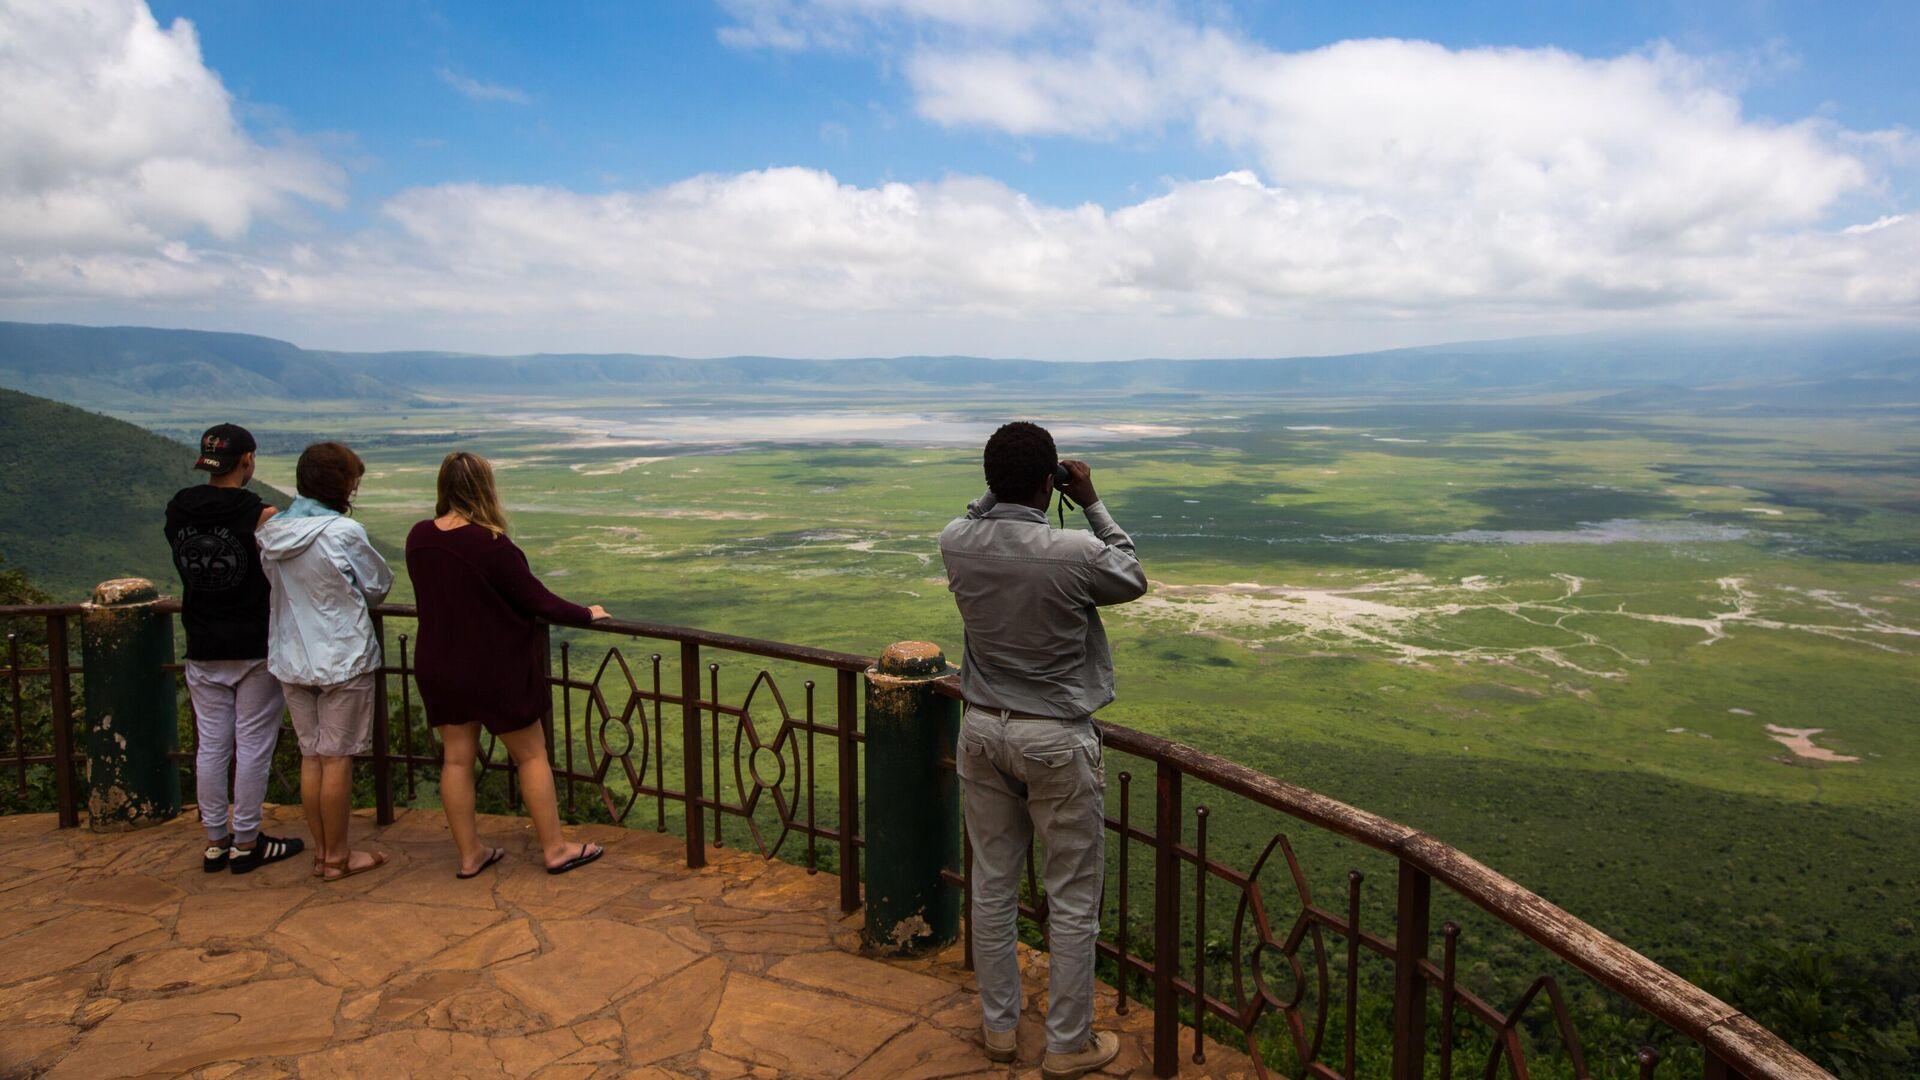 Туристы по время посещения кратера Нгоронгоро в Танзании - РИА Новости, 1920, 05.09.2020